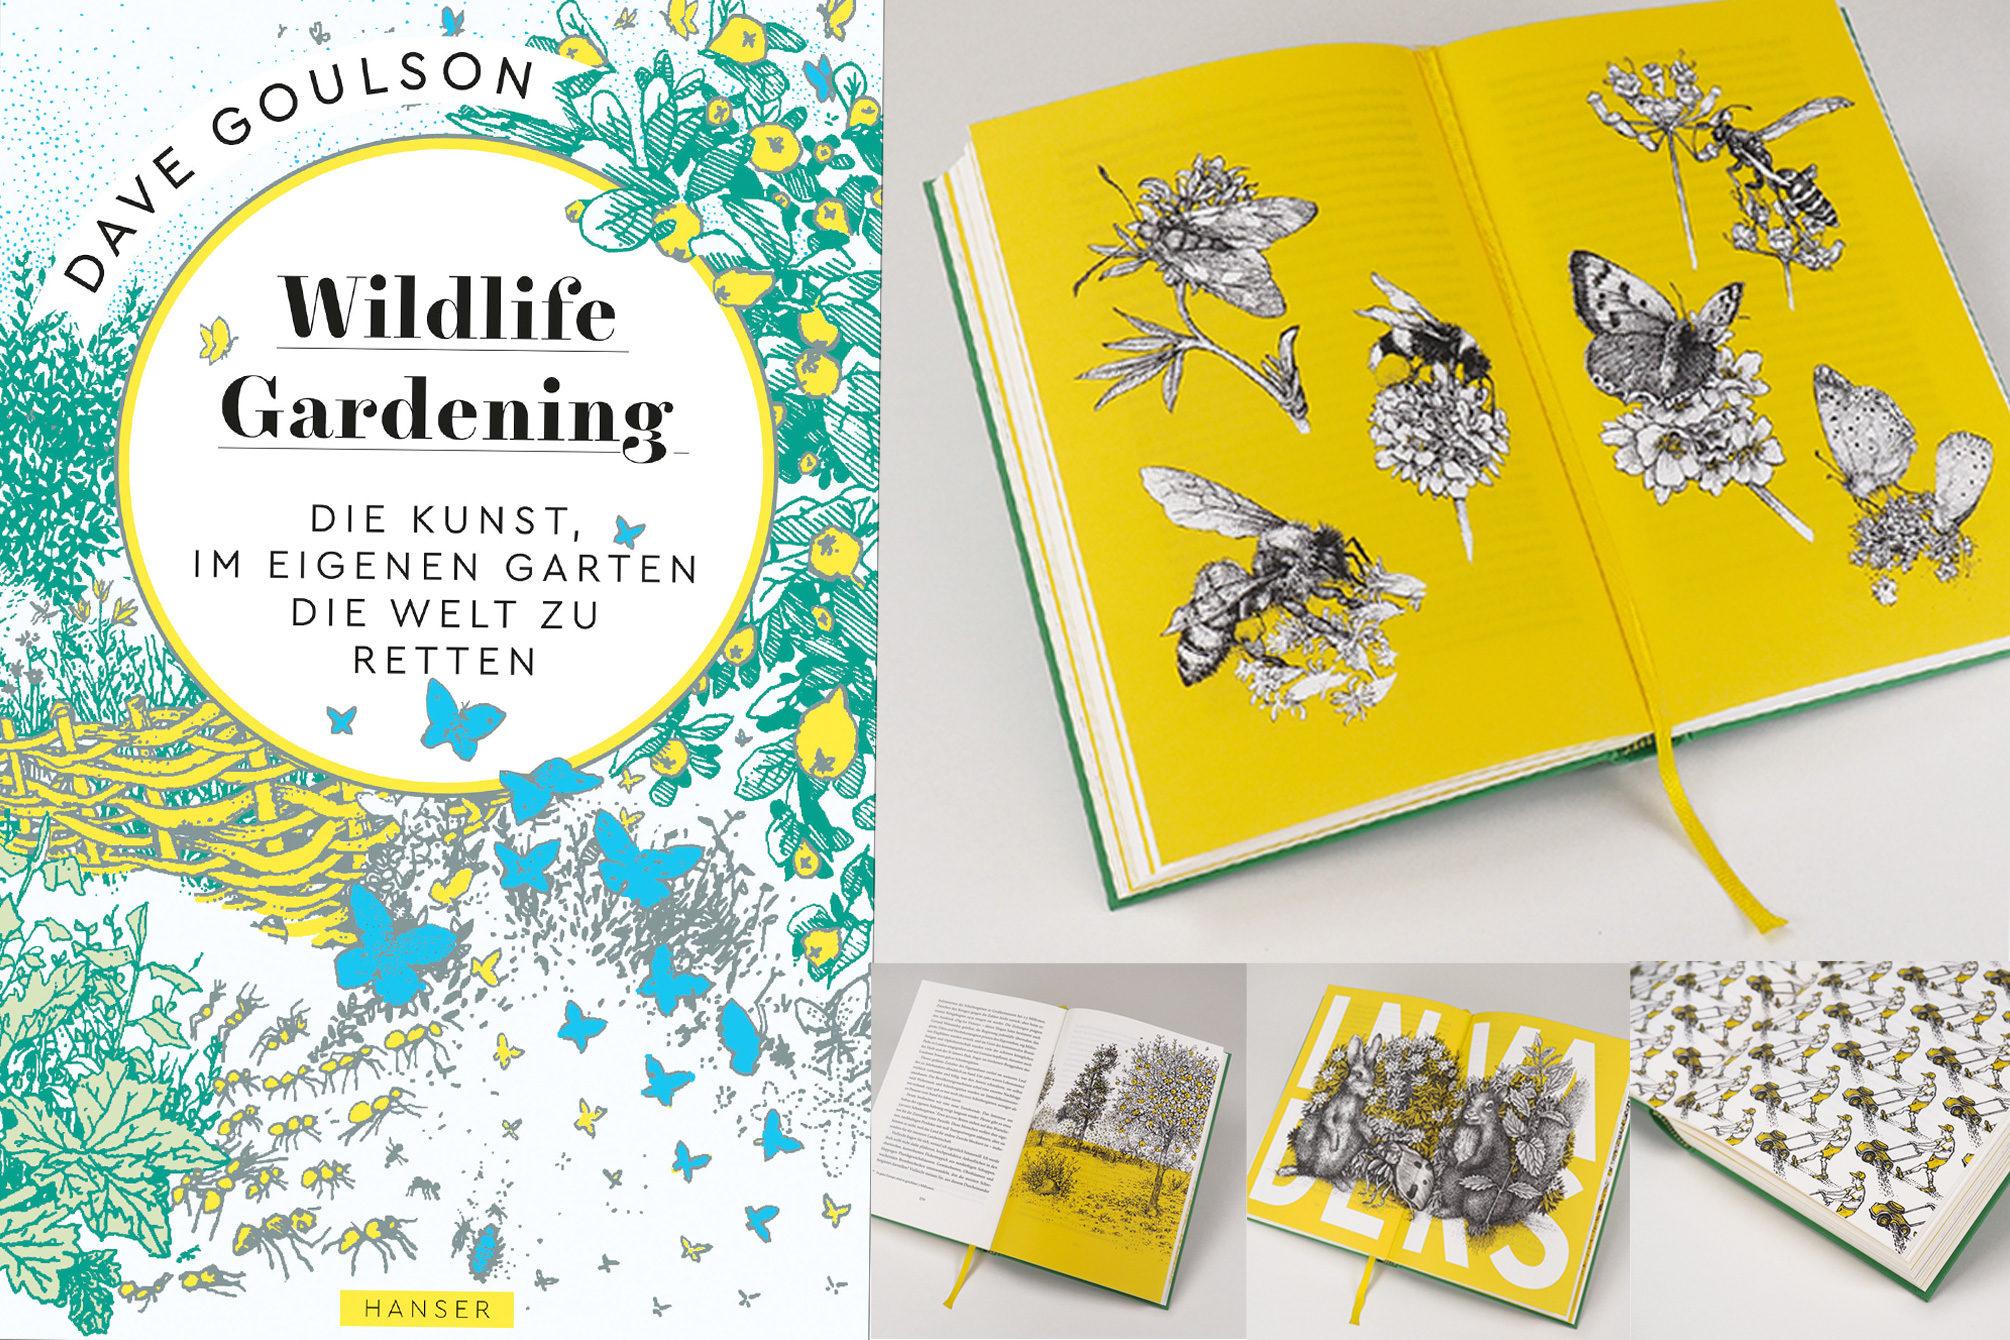 Dave Goulson, Wildlife Gardening, Rezension von Katharina Heuberger